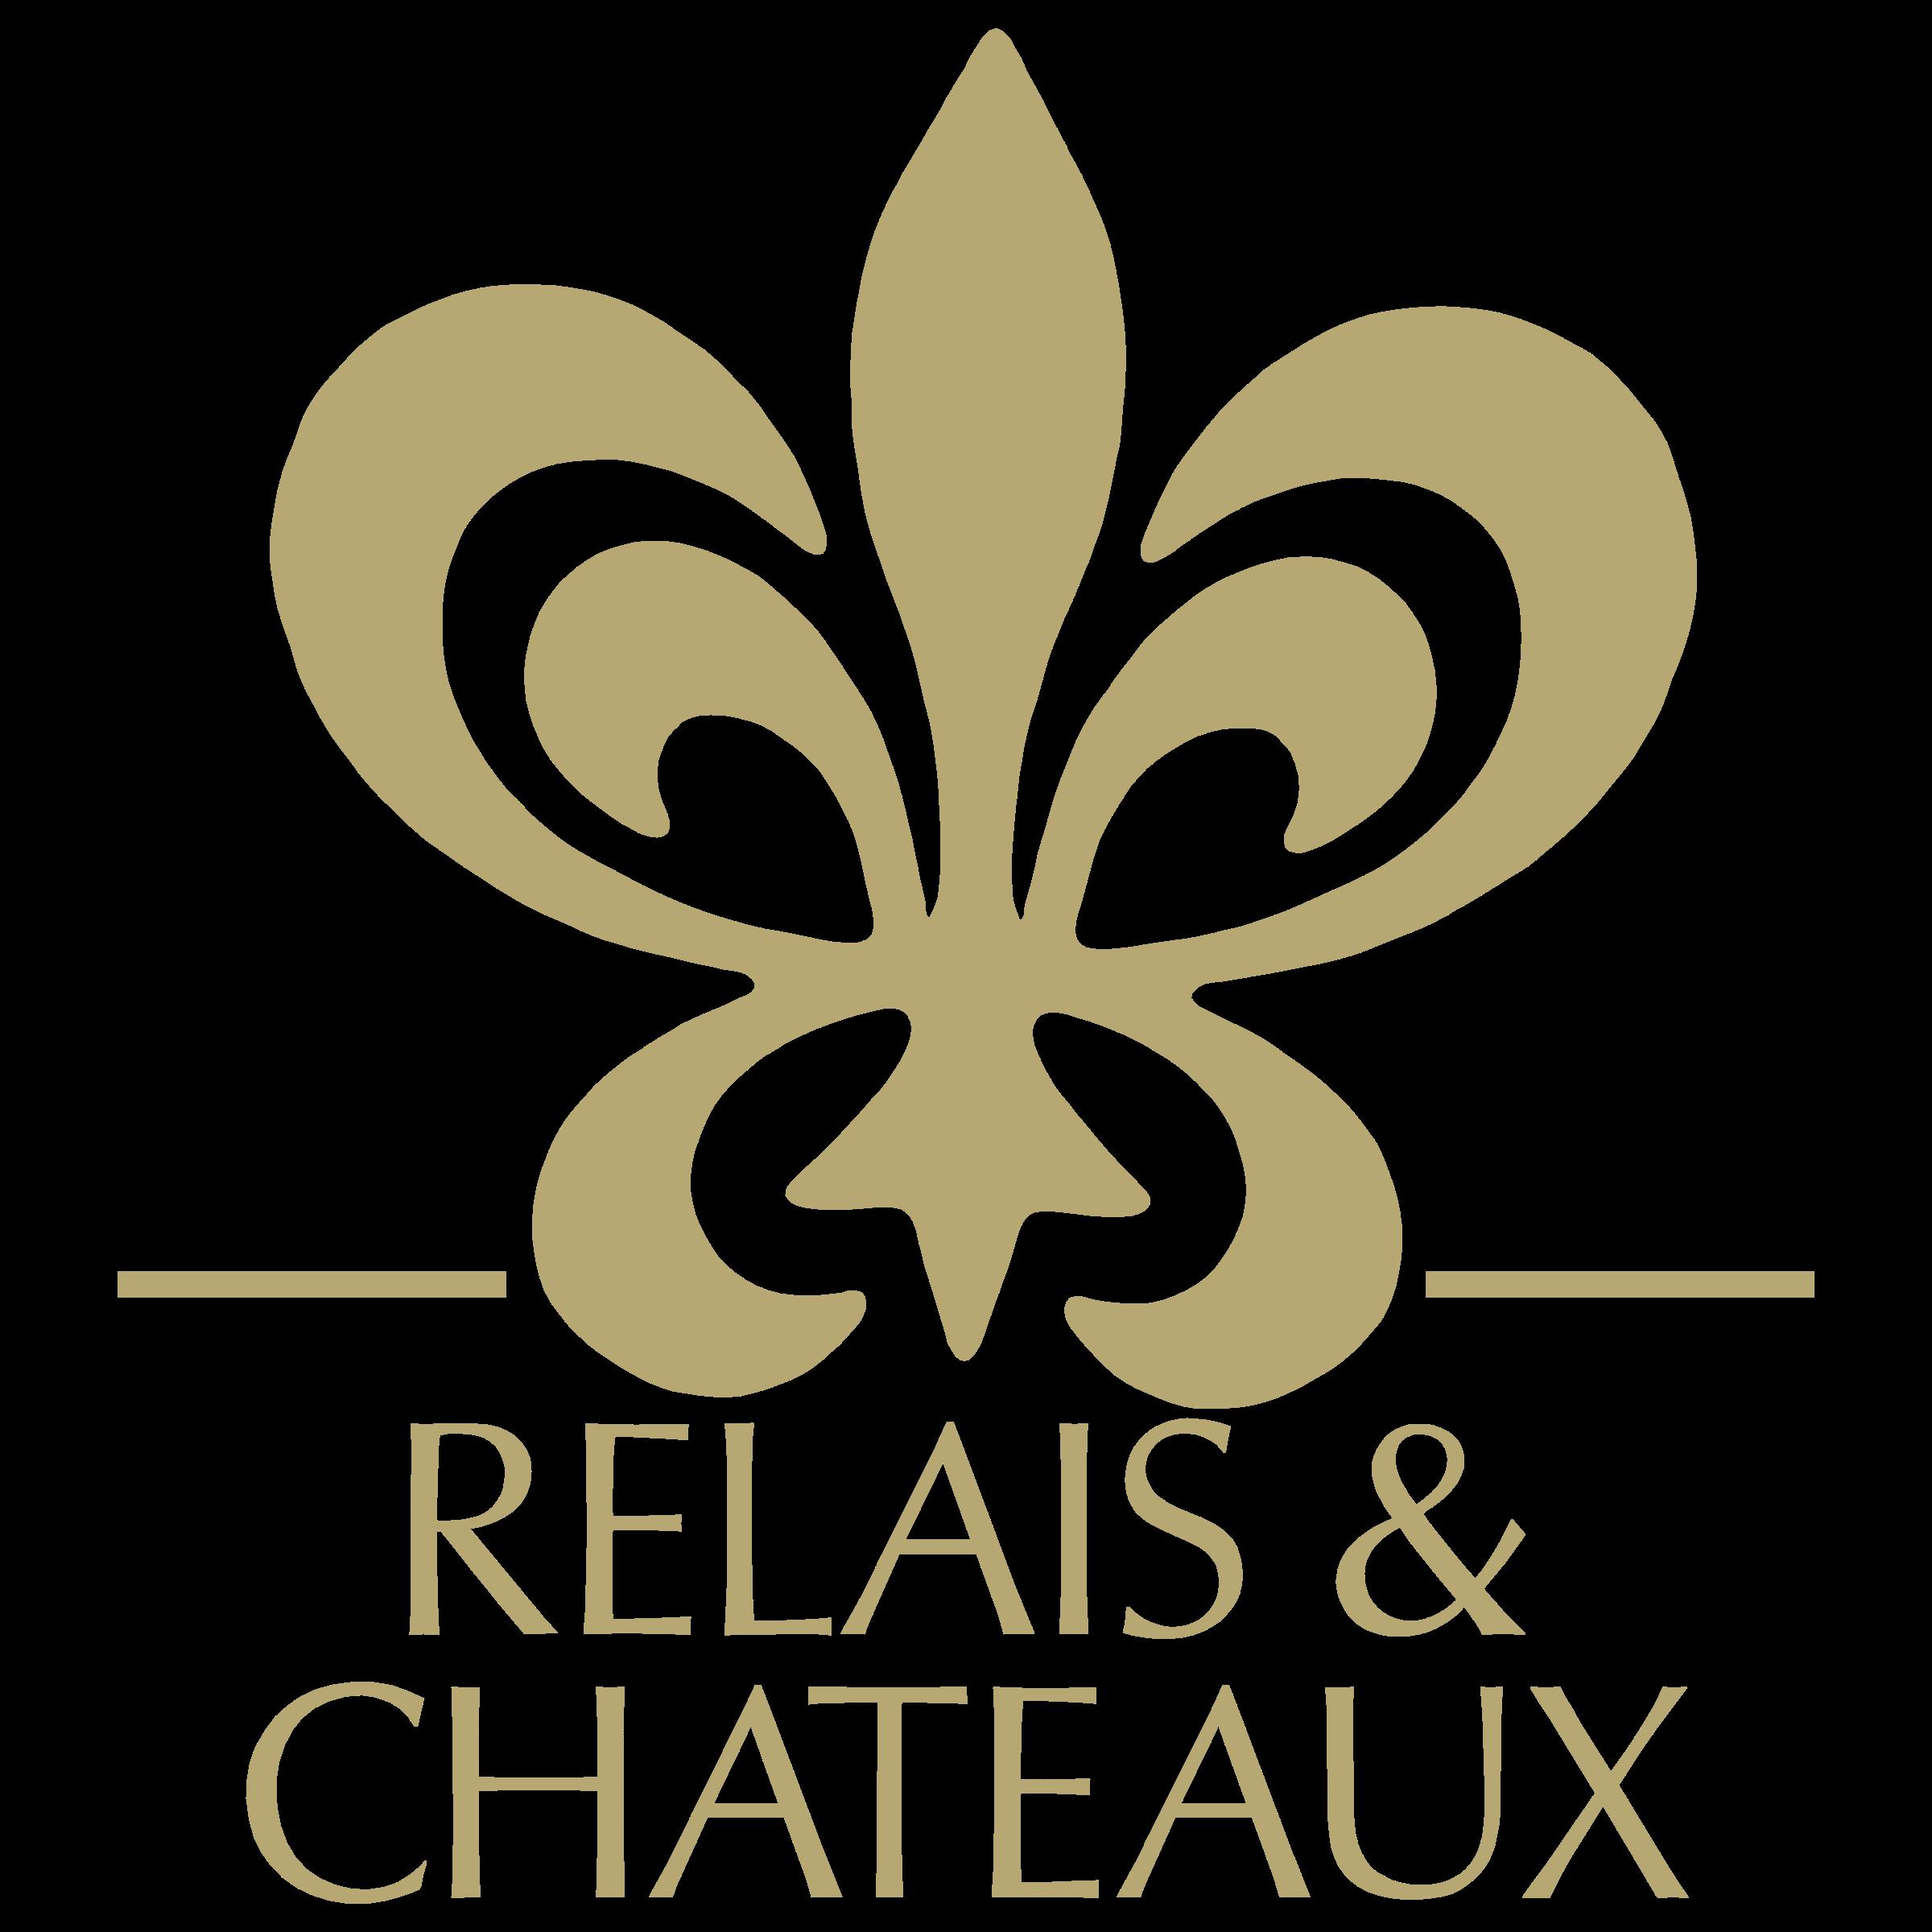 relais-chateaux-logo-png-transparent.png